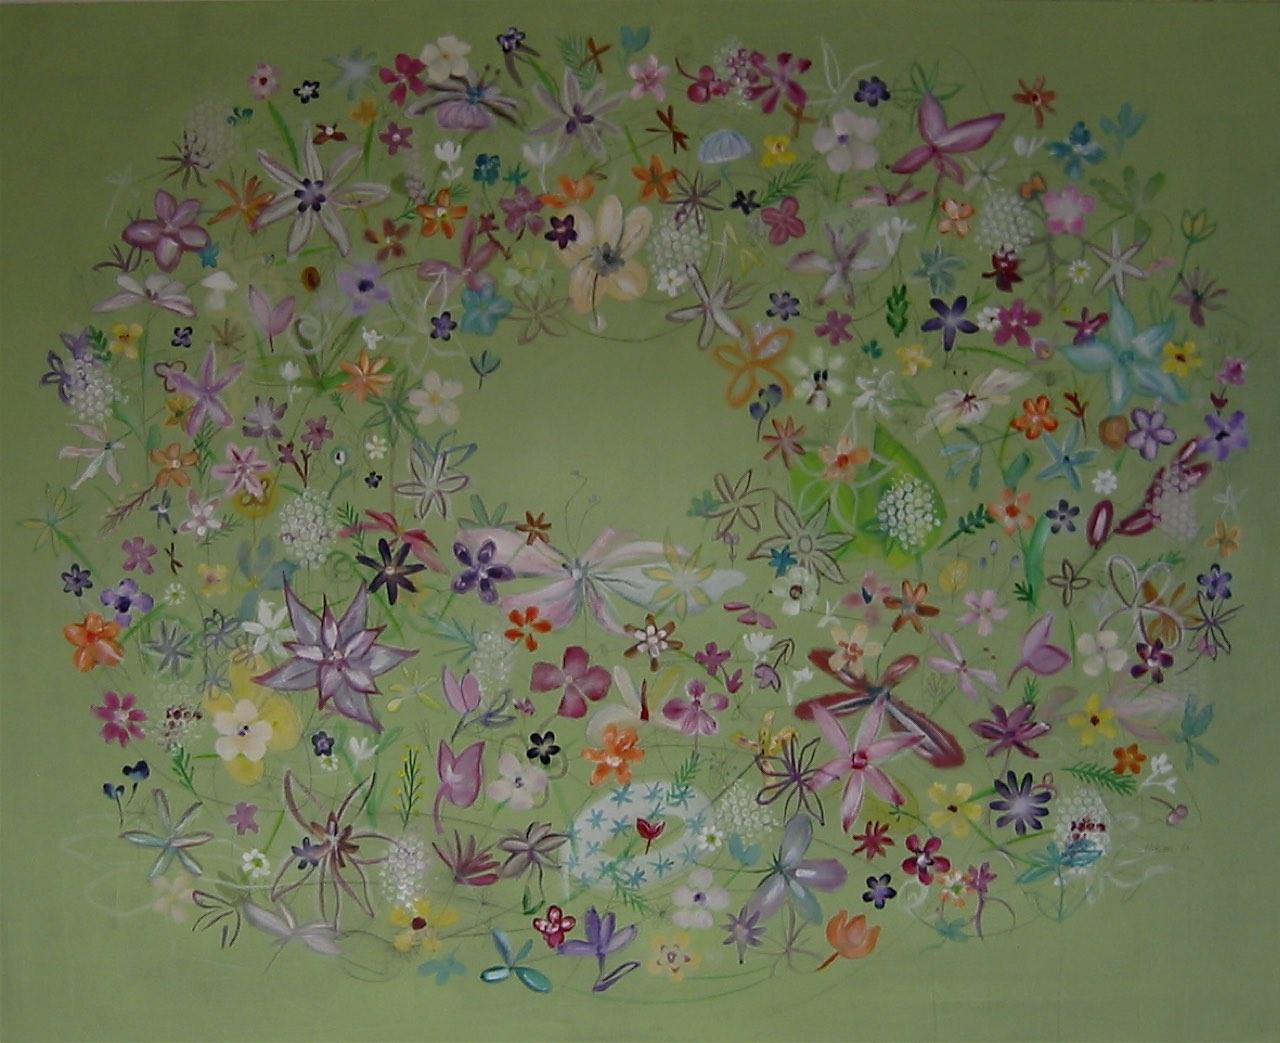 gemalte Blüten auf grünem Hintergrund